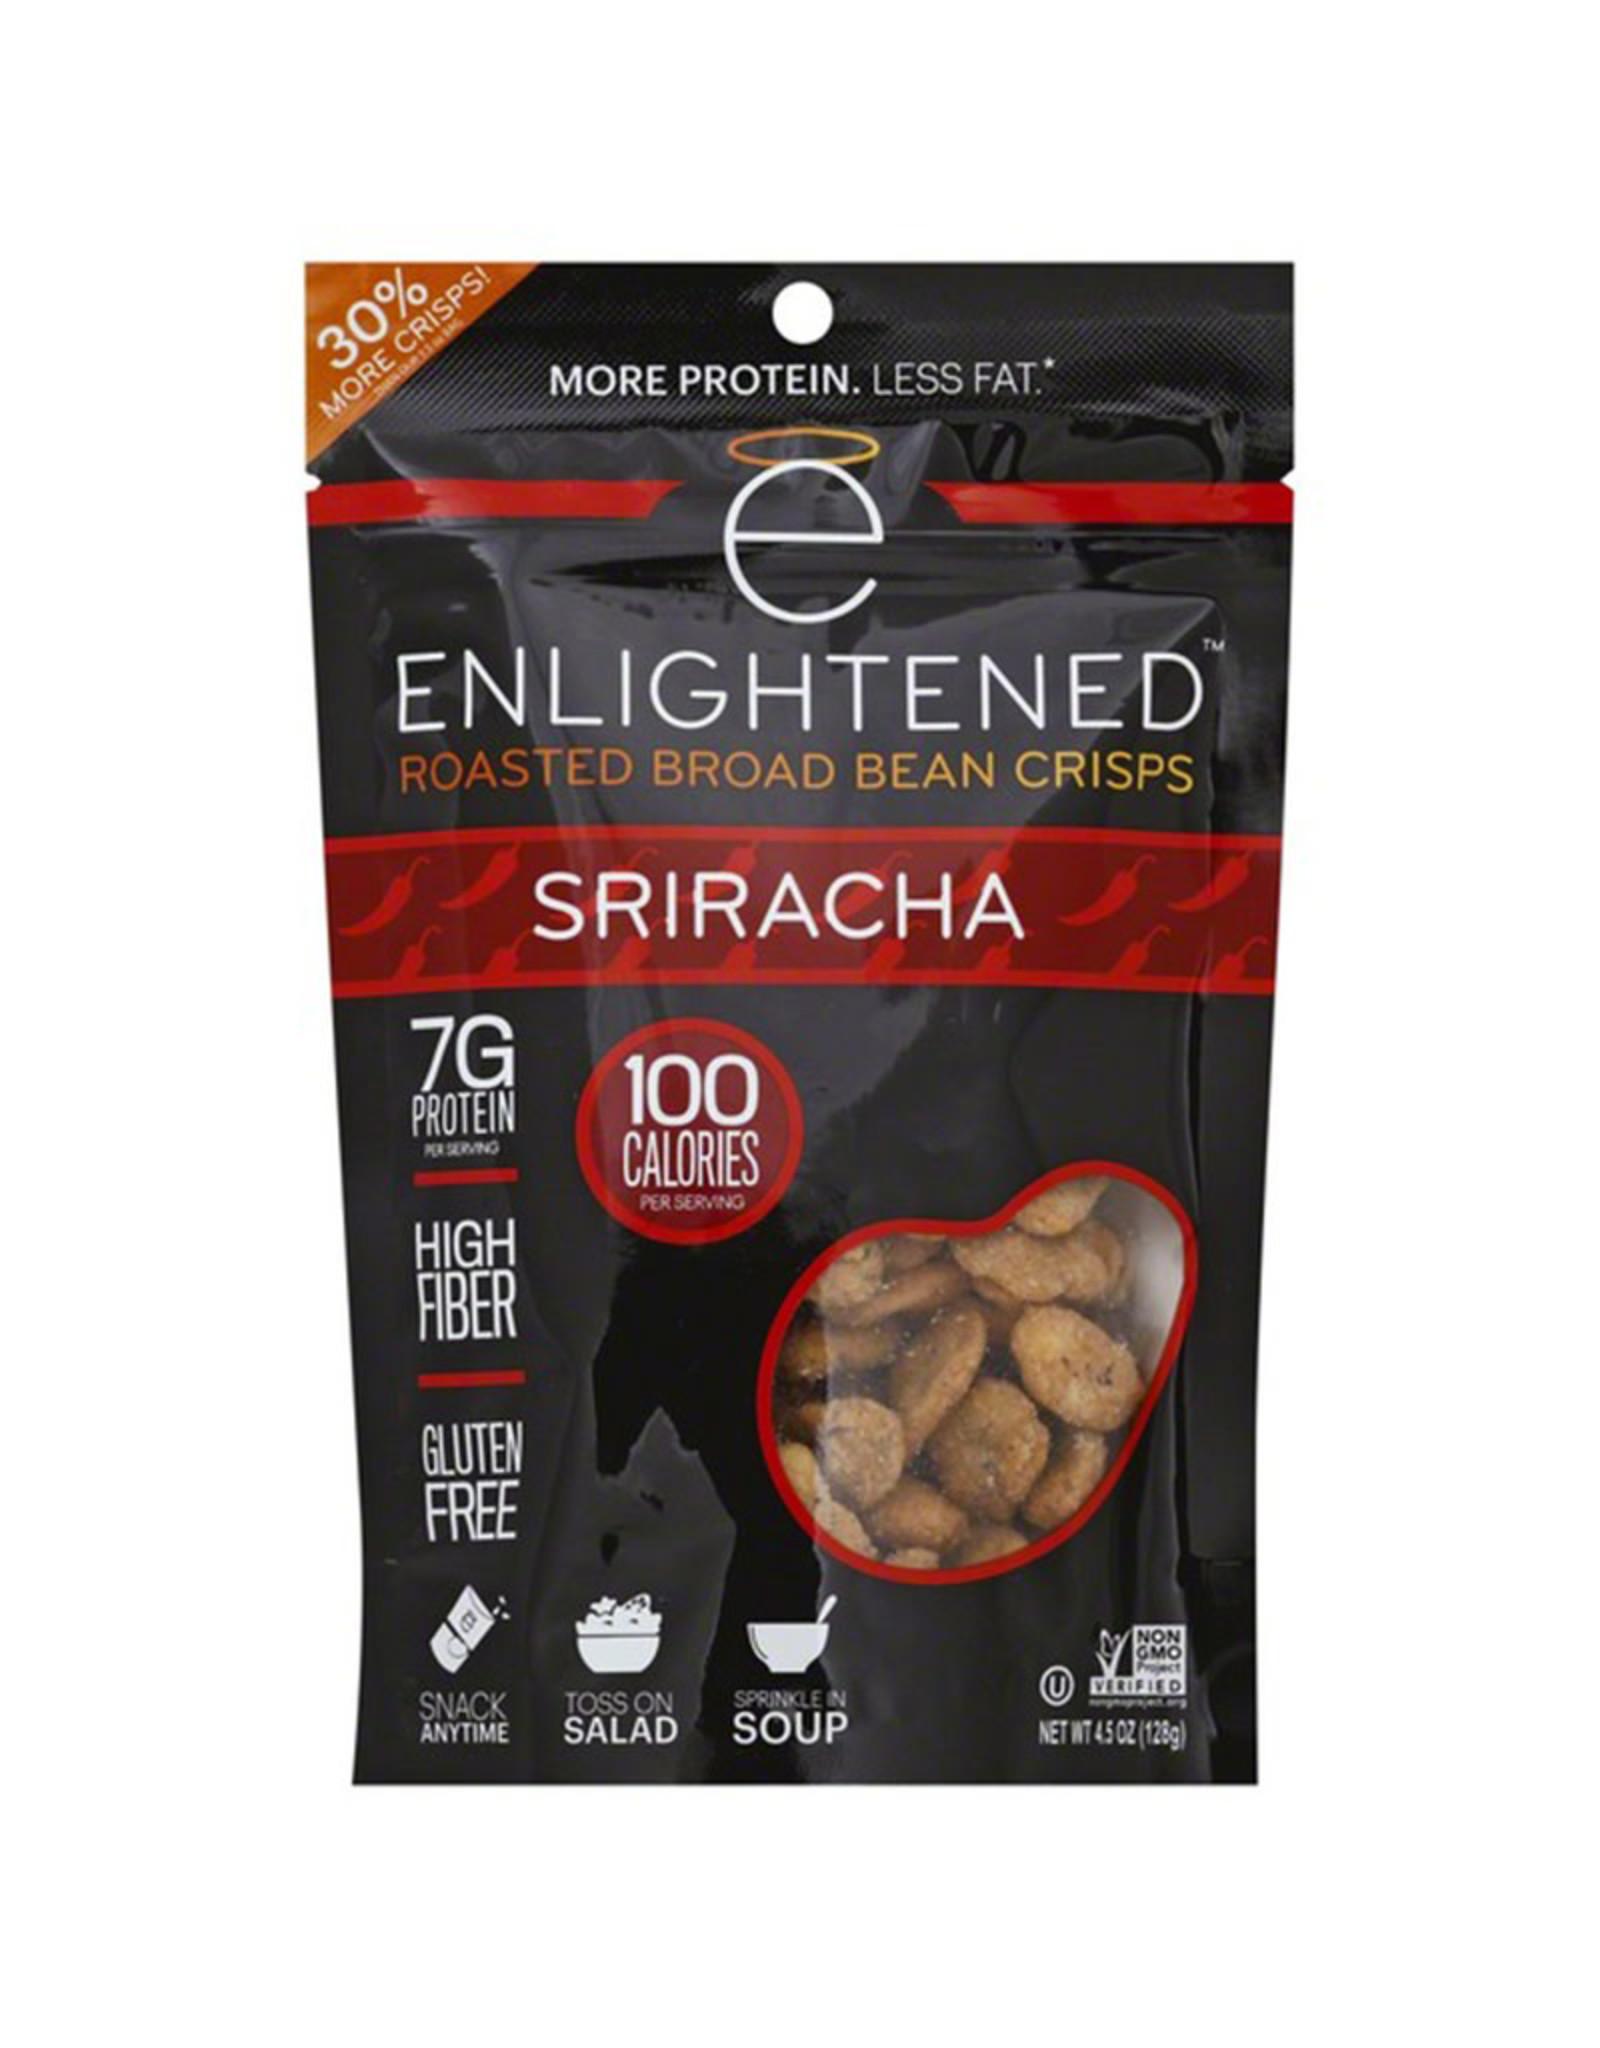 Enlightened Enlightened - Roasted Broad Bean Crisps, Sriracha